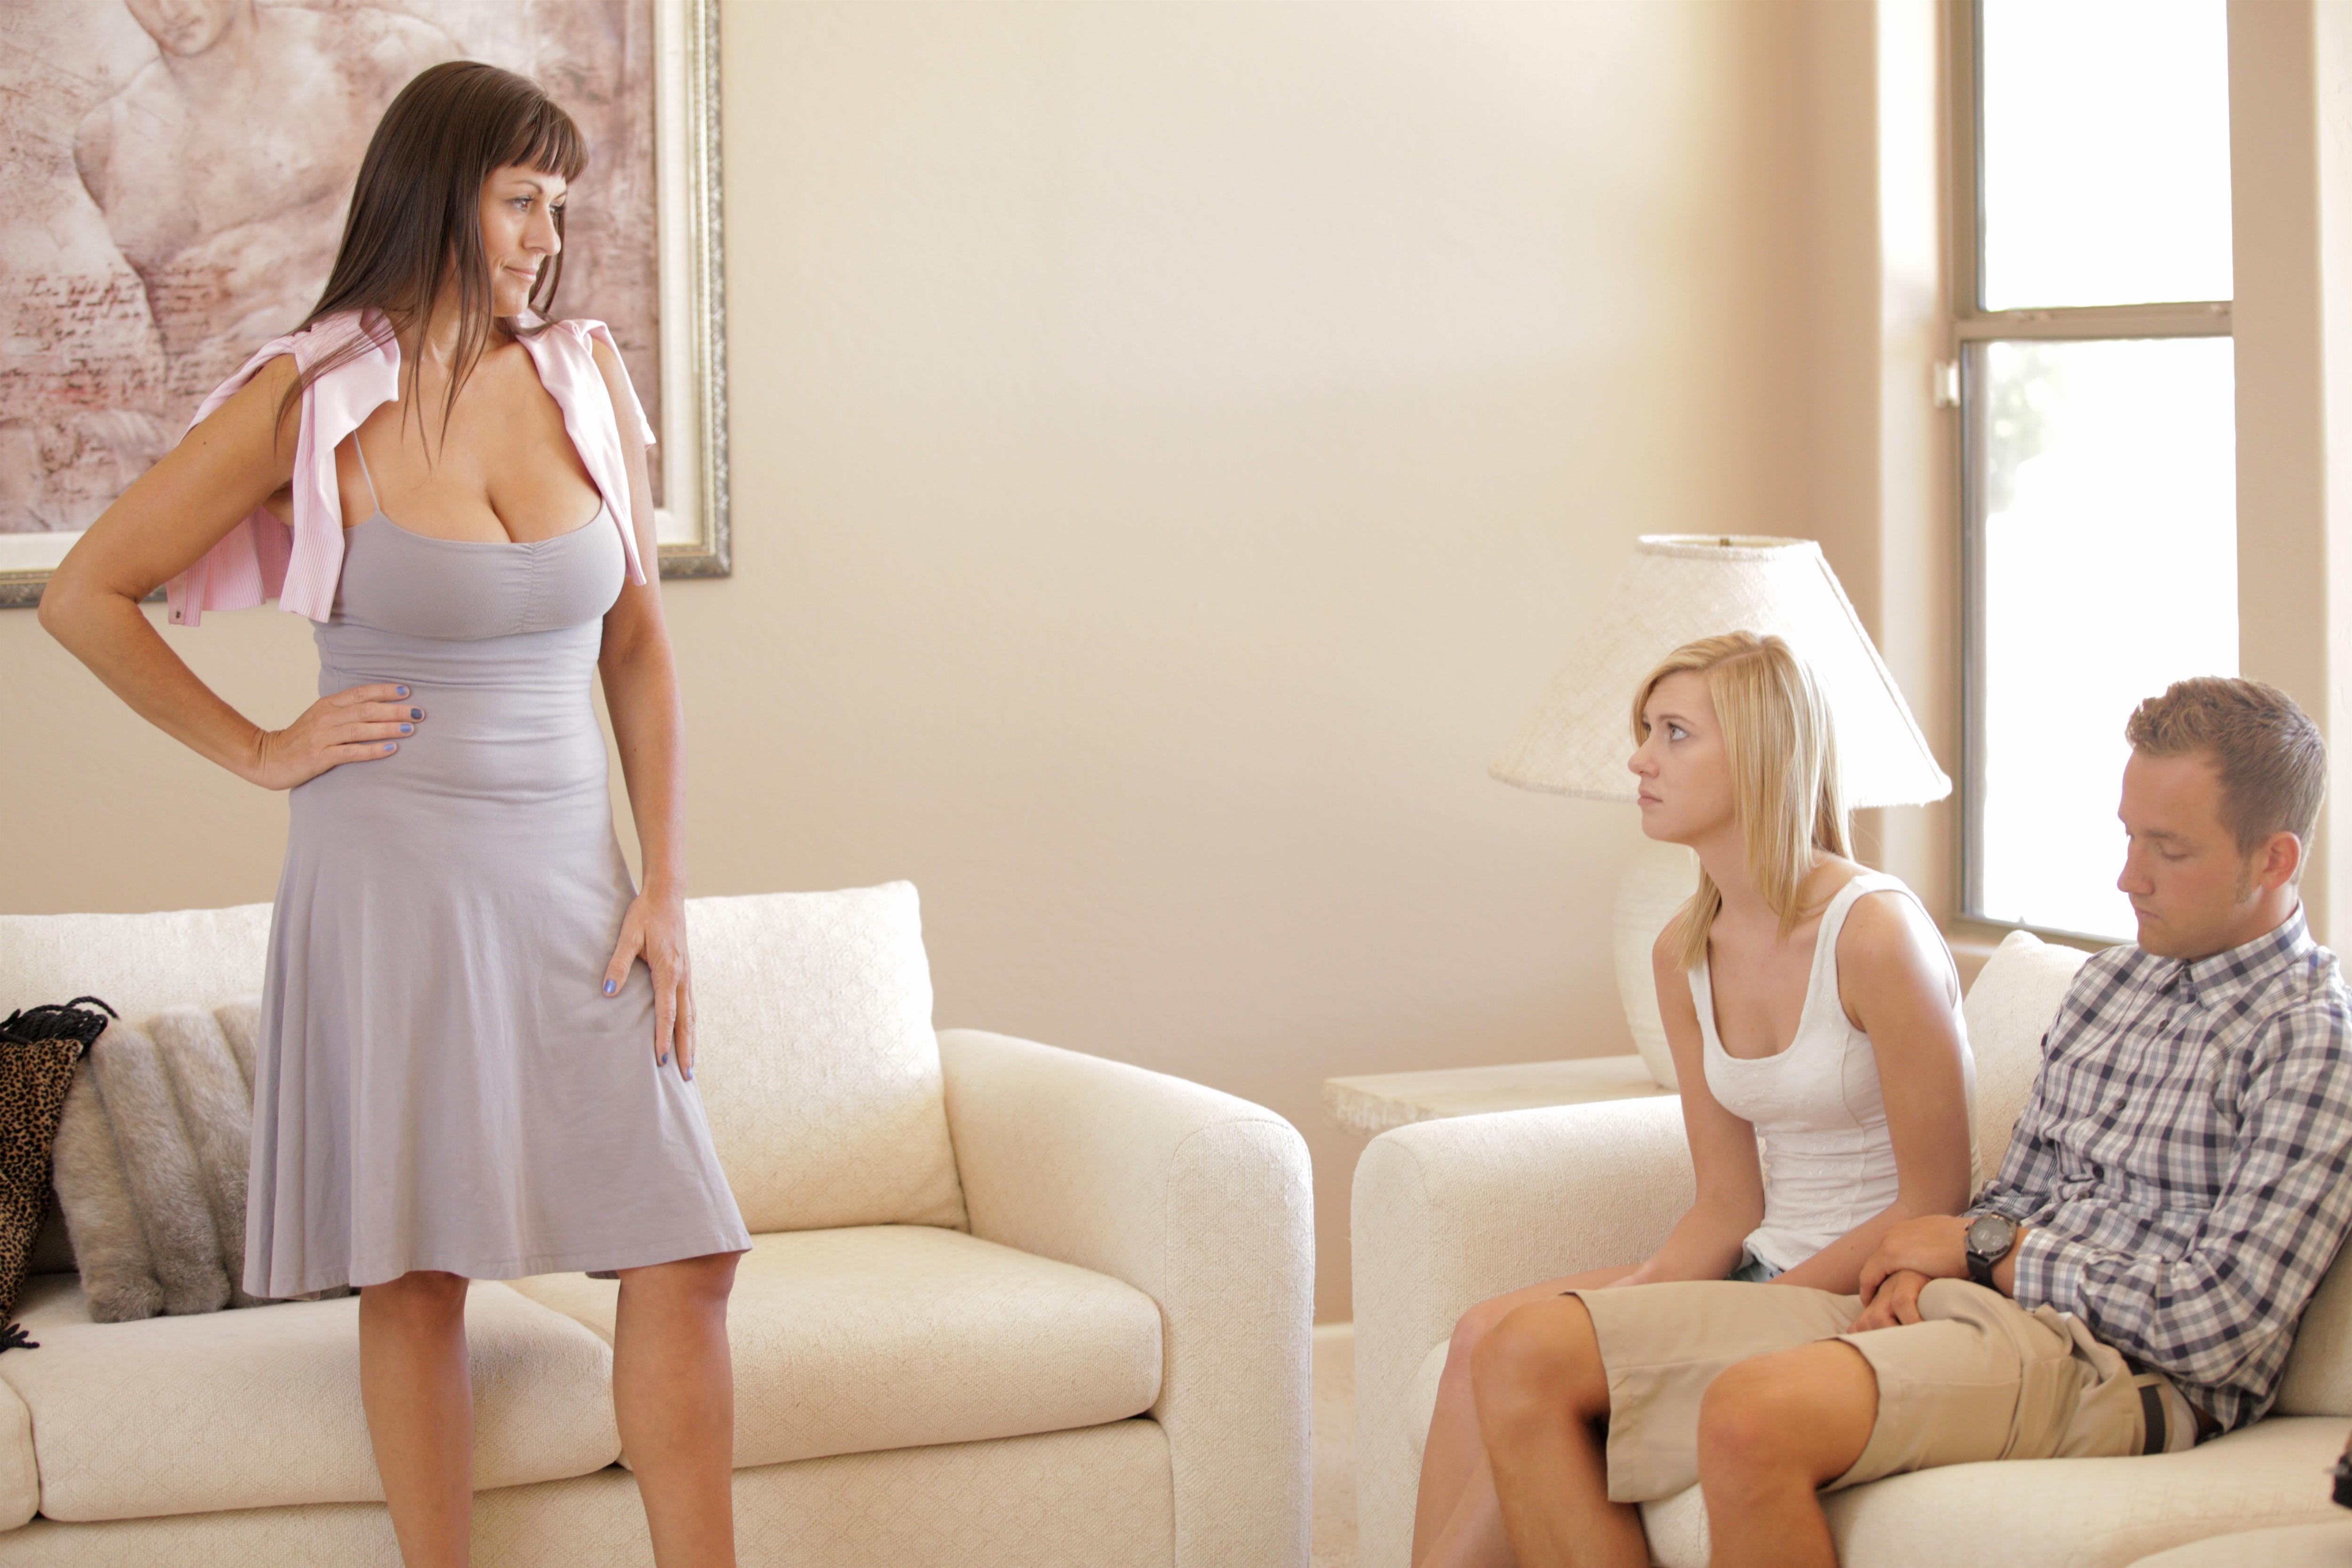 mom-teach-teen-sex-dvd